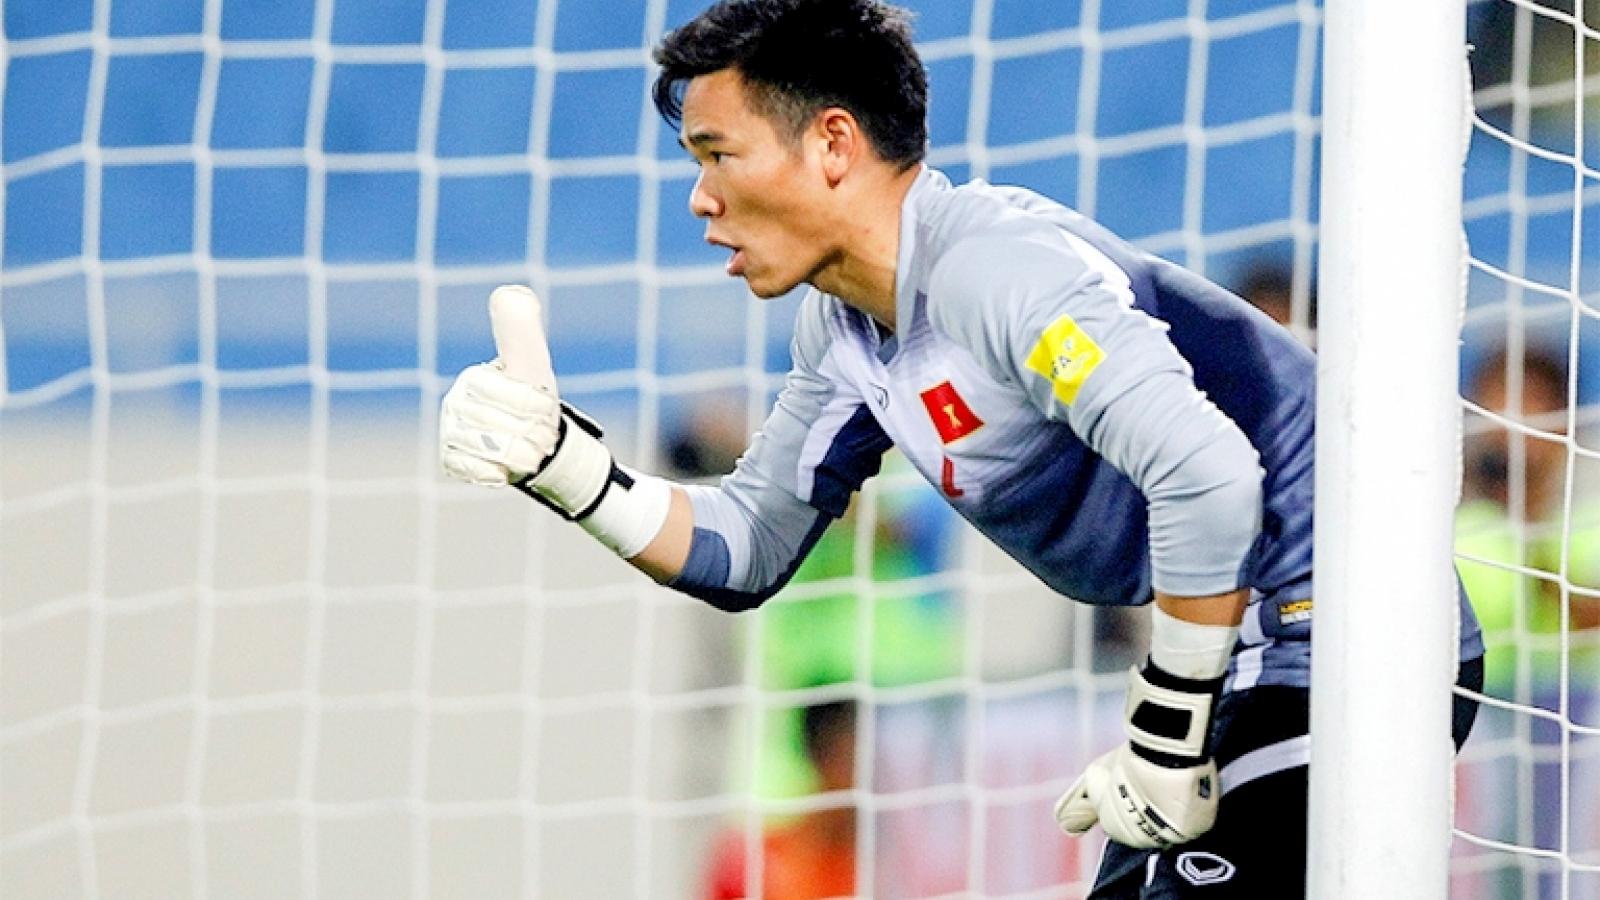 Thầy Park bất ngờ gọi bổ sung thủ môn Nguyên Mạnh lên ĐT Việt Nam